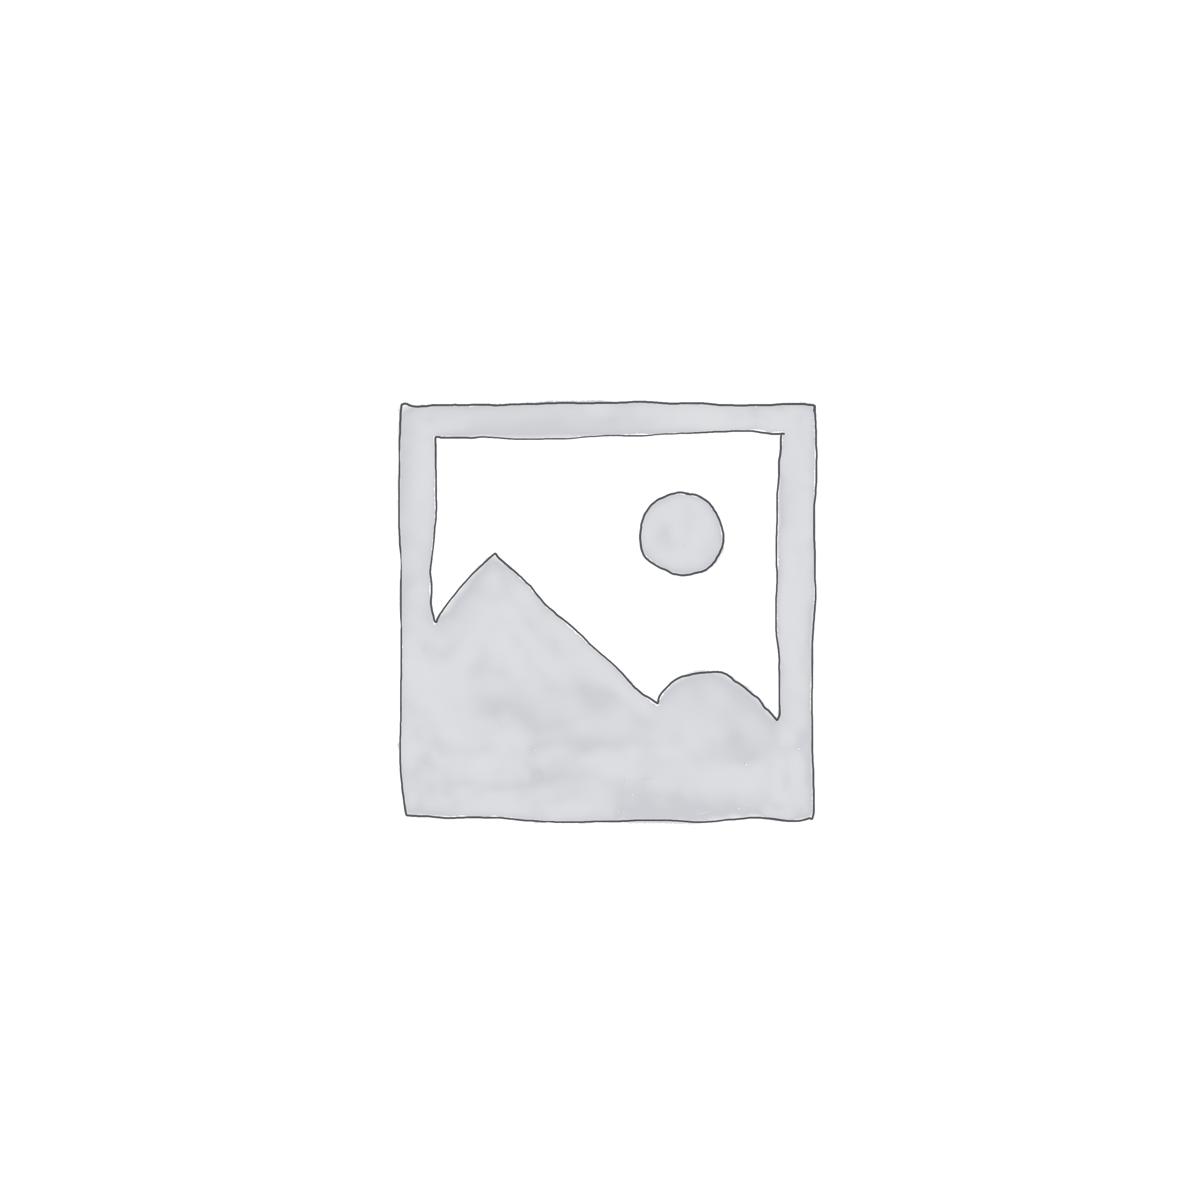 Linux Mint